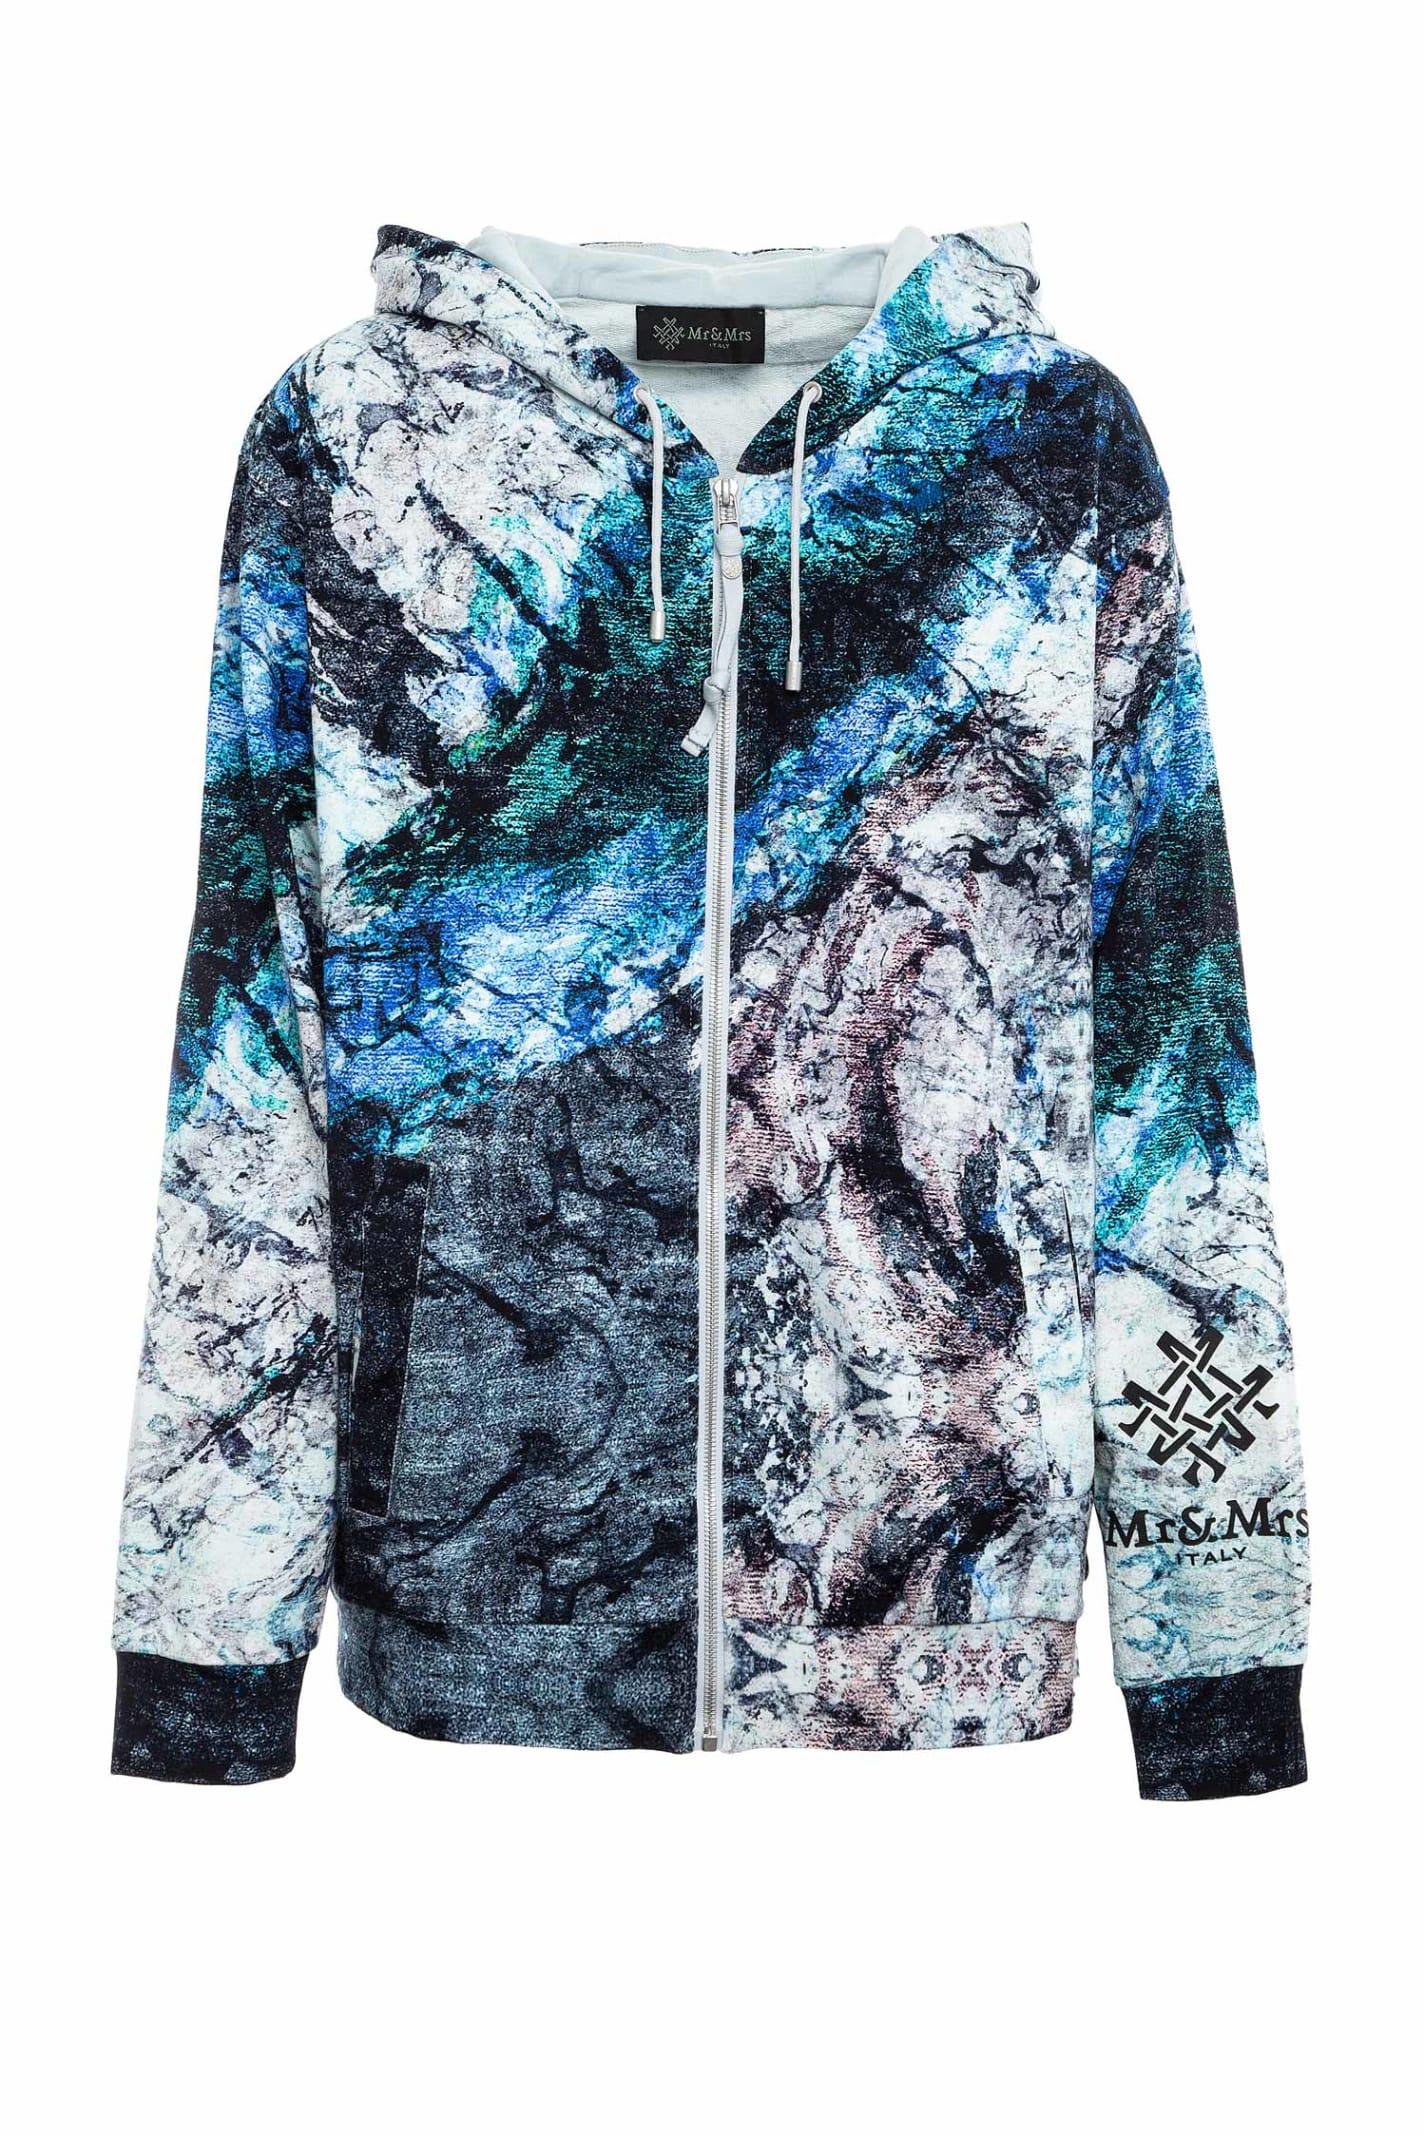 Marble-printed Sweatshirt For Man